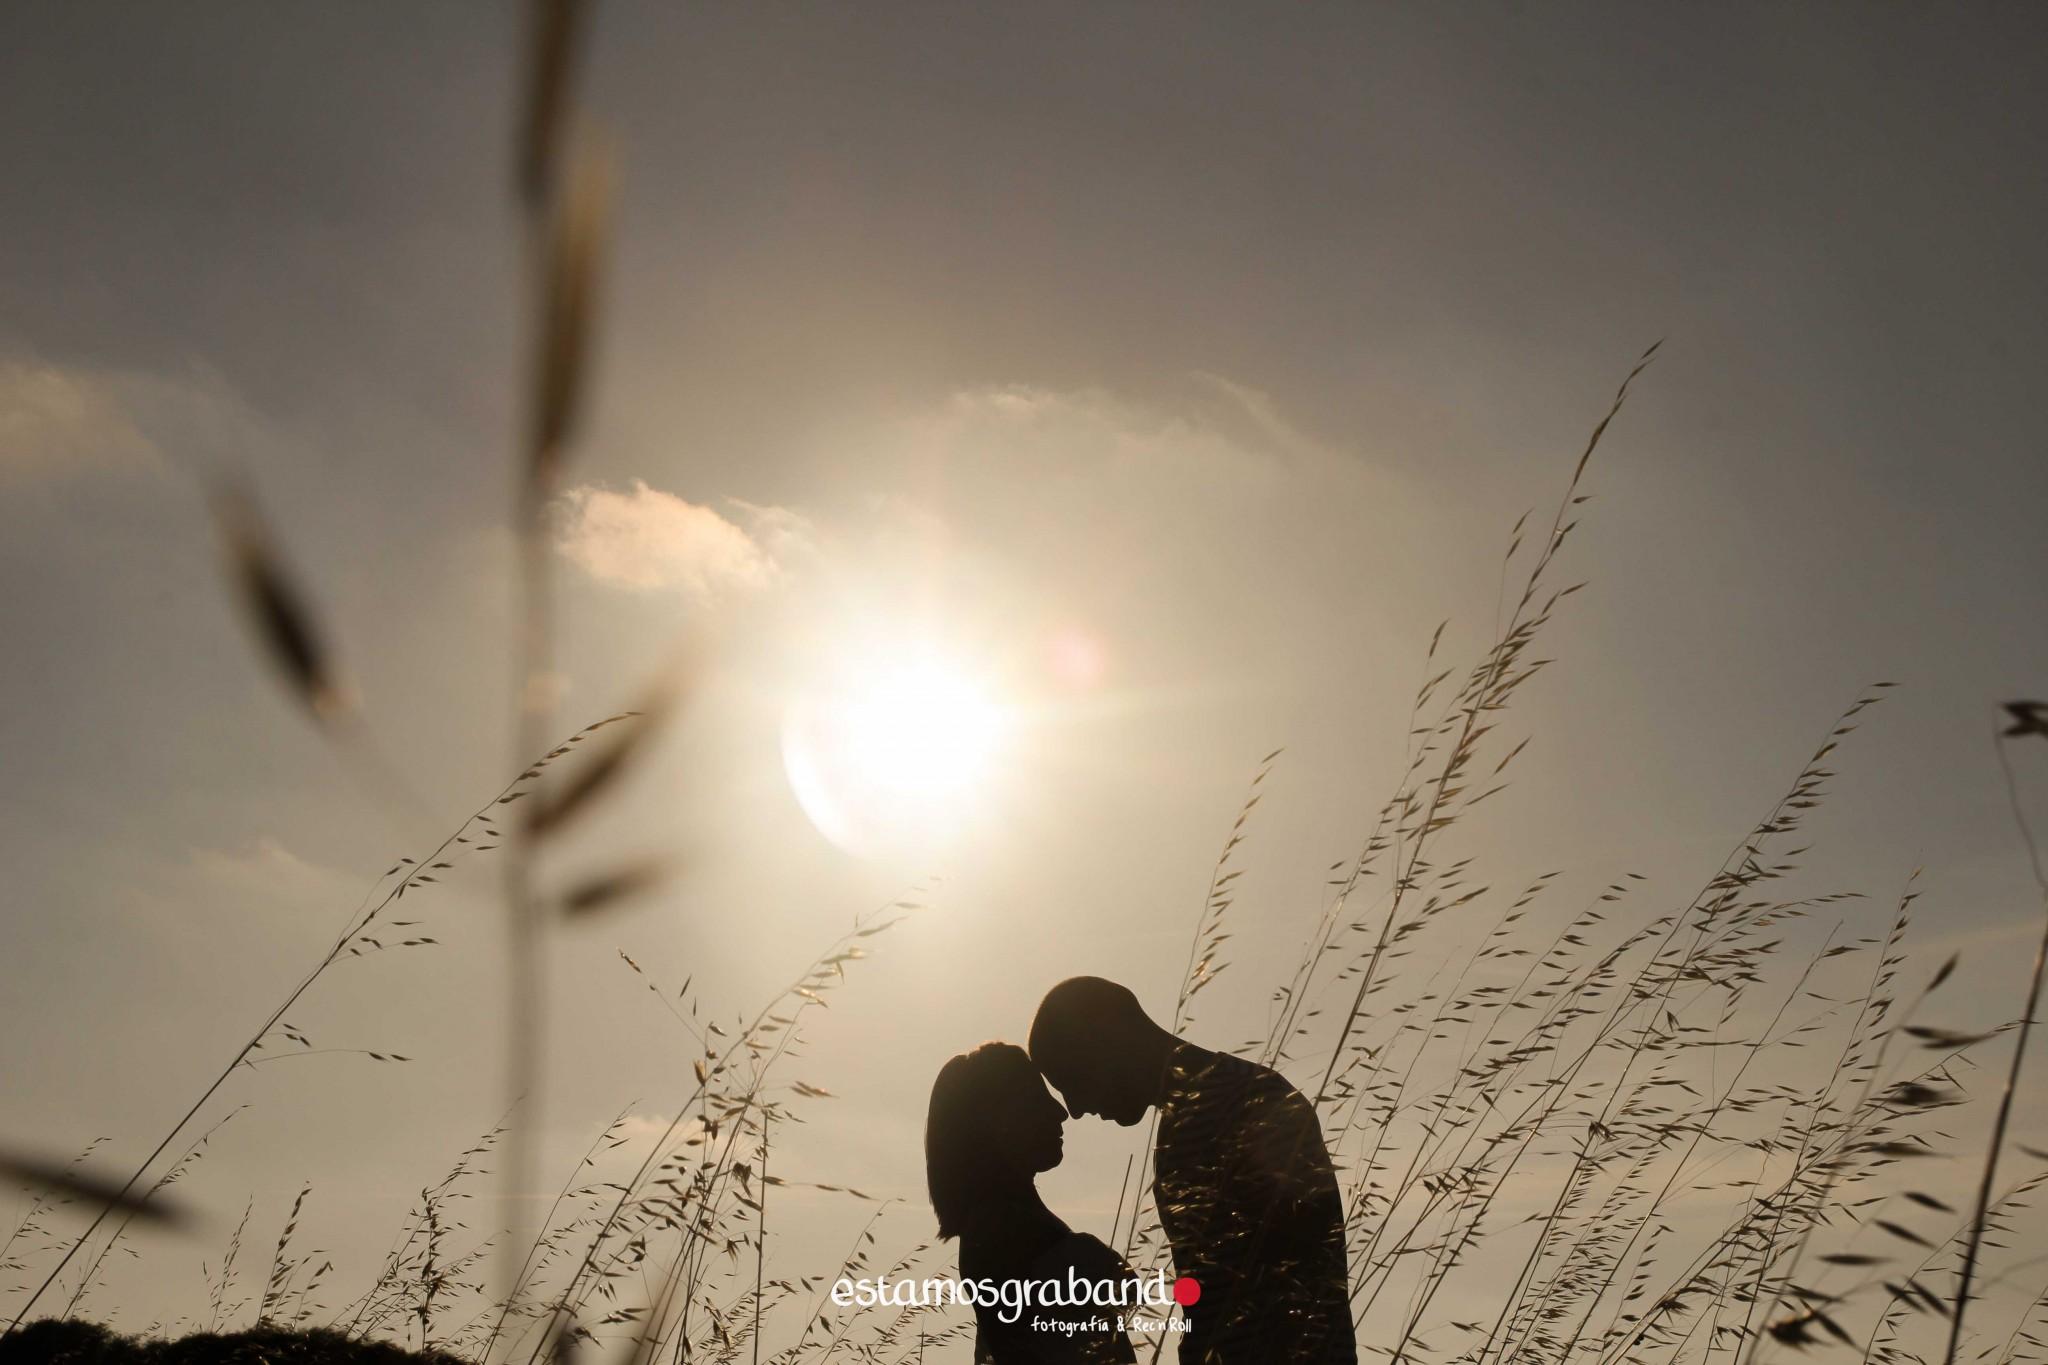 pareja-misteriosa_estamosgrabando-8 Sancti Petri y sus luces [Preboda Raquel & Ale] - video boda cadiz